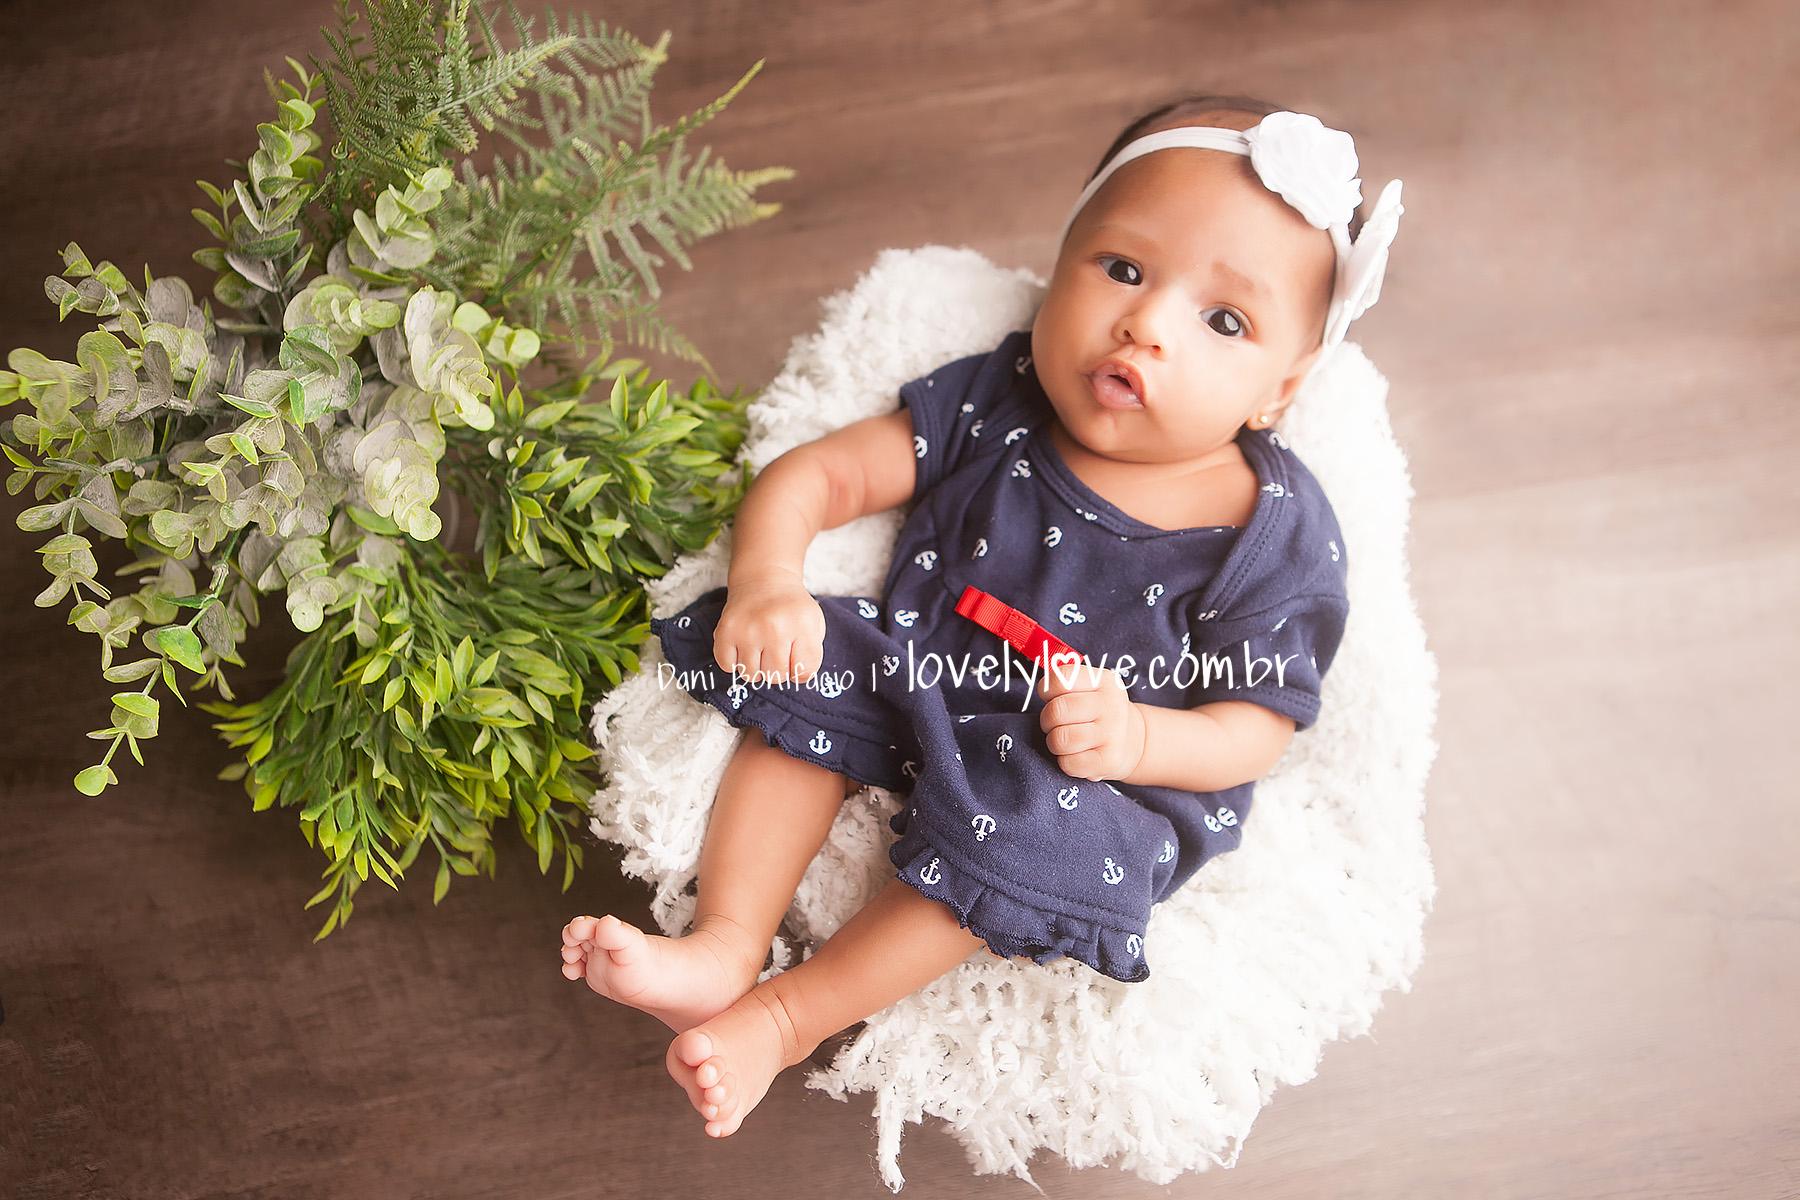 danibonifacio-lovelylove-acompanhamentobebe-fotografa-gravida-gestante-newborn2